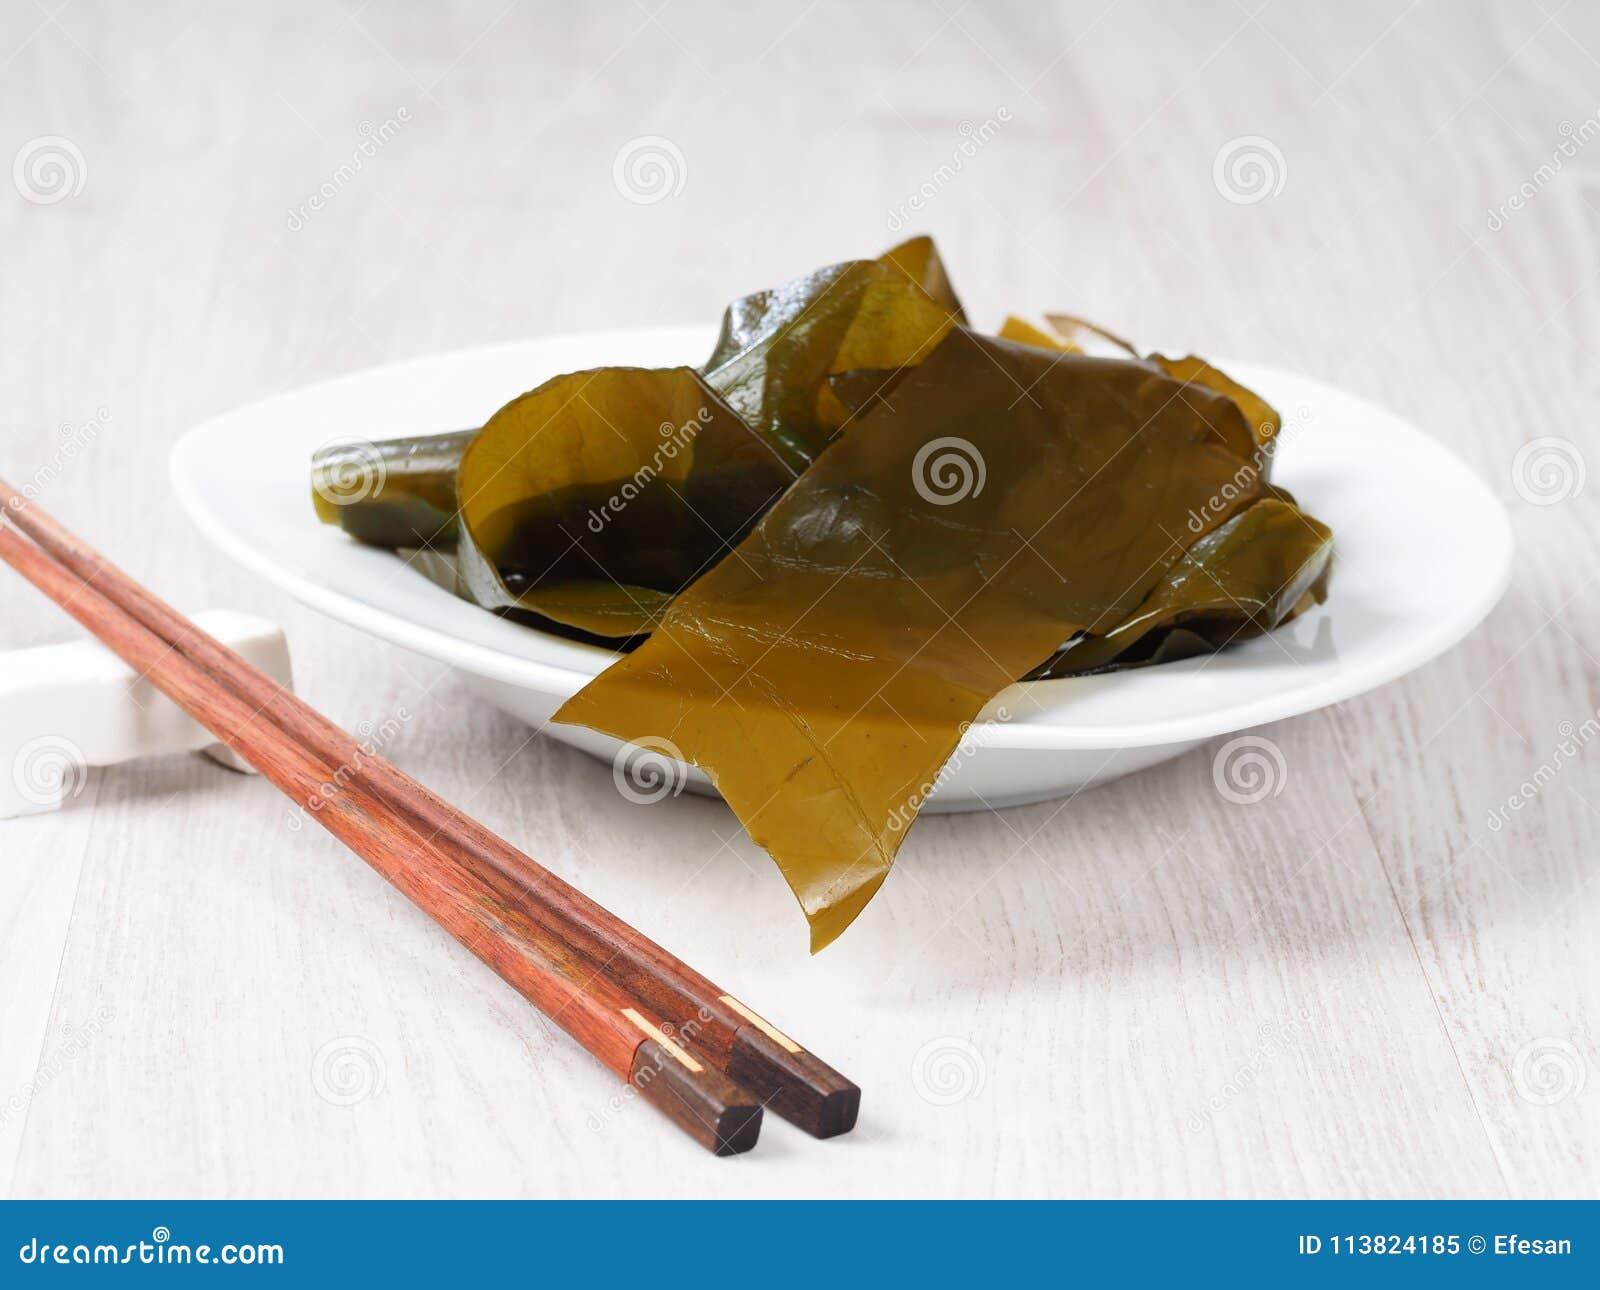 Algas kelp or spirulina better